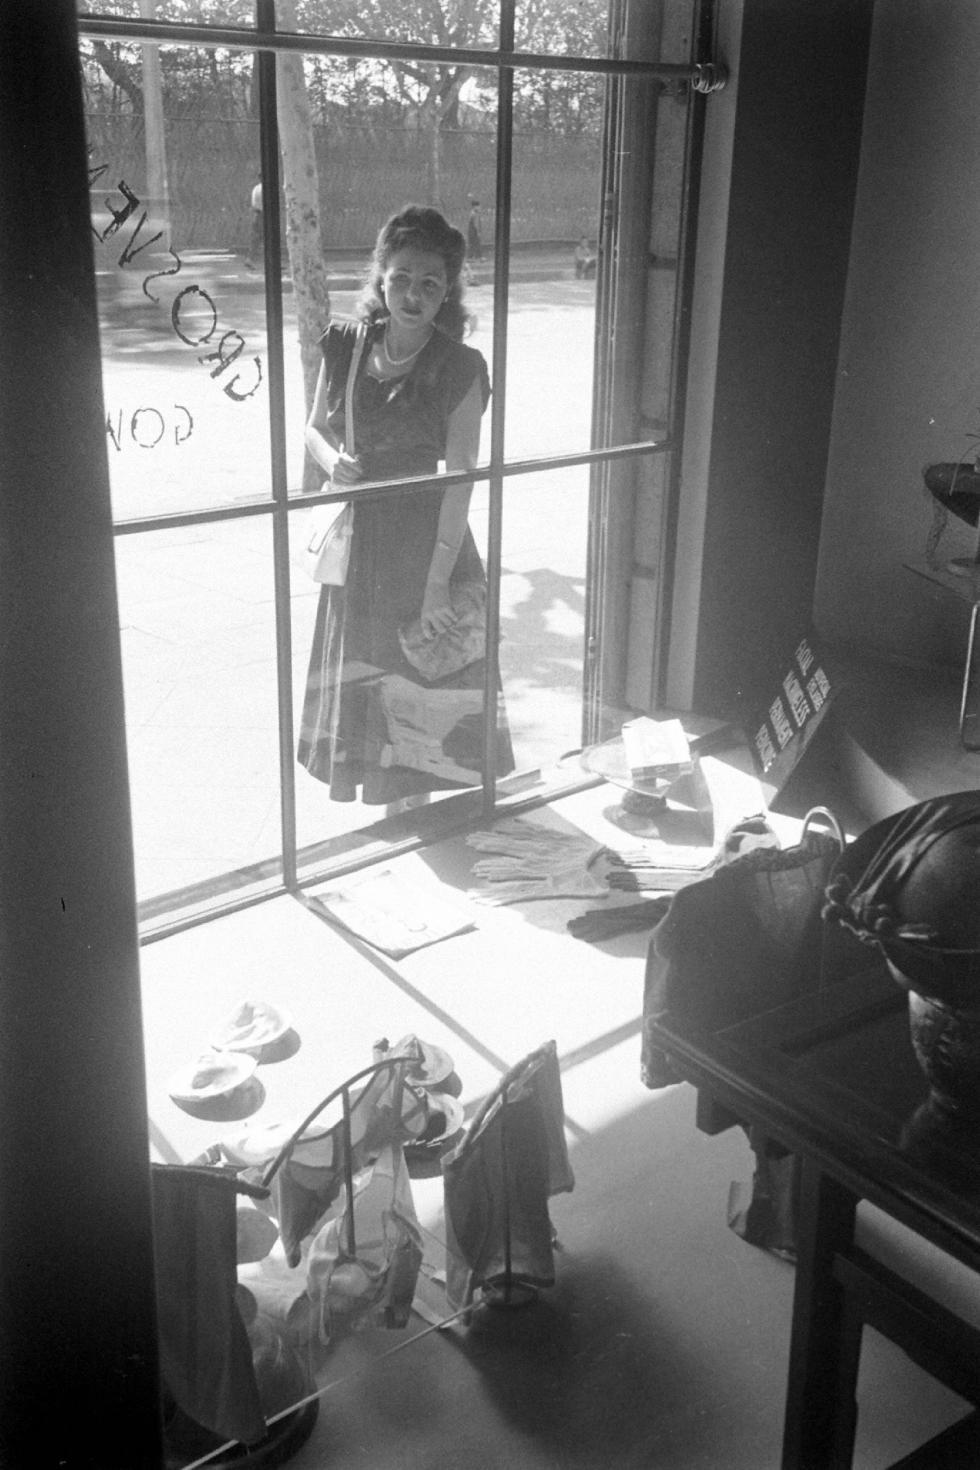 高纳公寓(Grosvenor Gardens)的商业区,1949年。 图片来源:Katya Knyazeva/Jack Birns